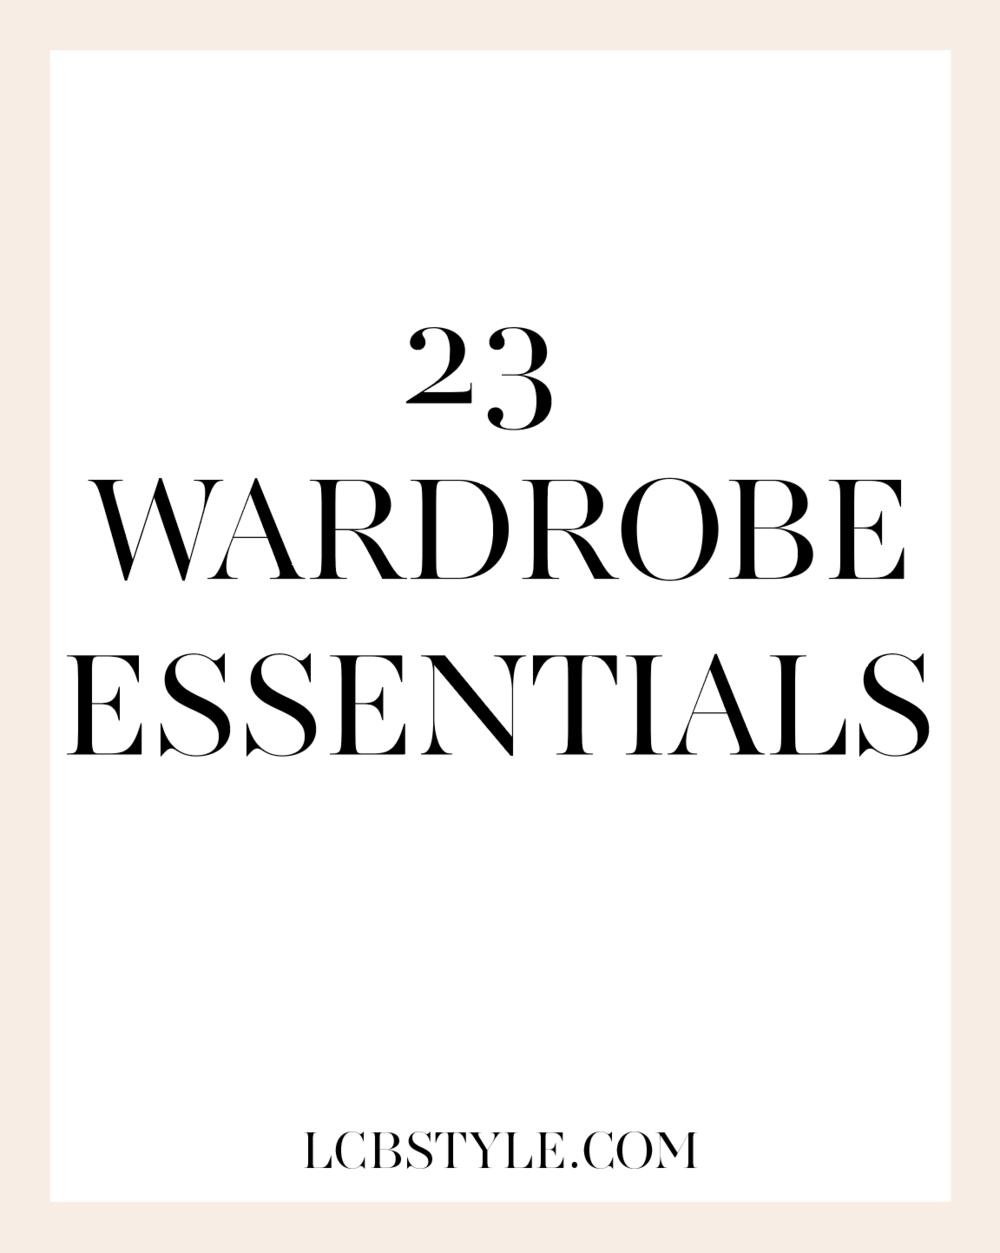 23WARDROBEESSENTIALS